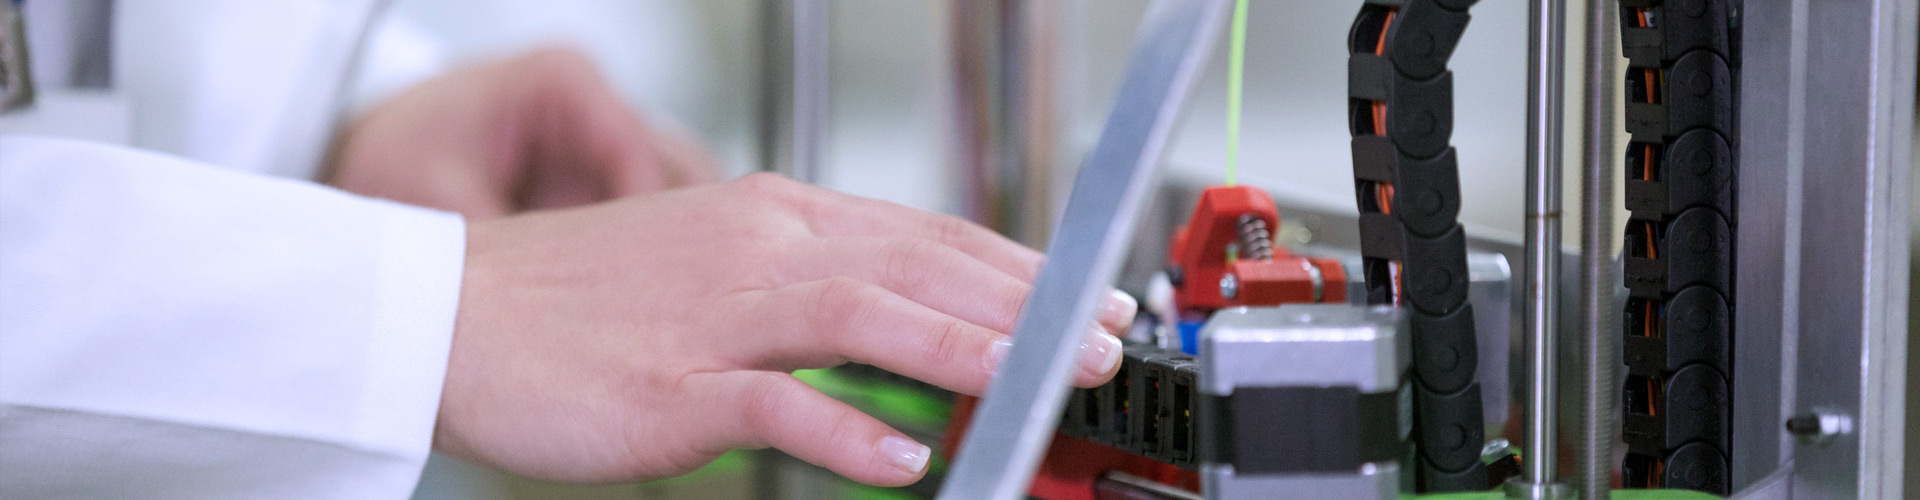 Industrie 4.0: Prozessoptimierung, Effizienzsteigerung und Kostensenkung